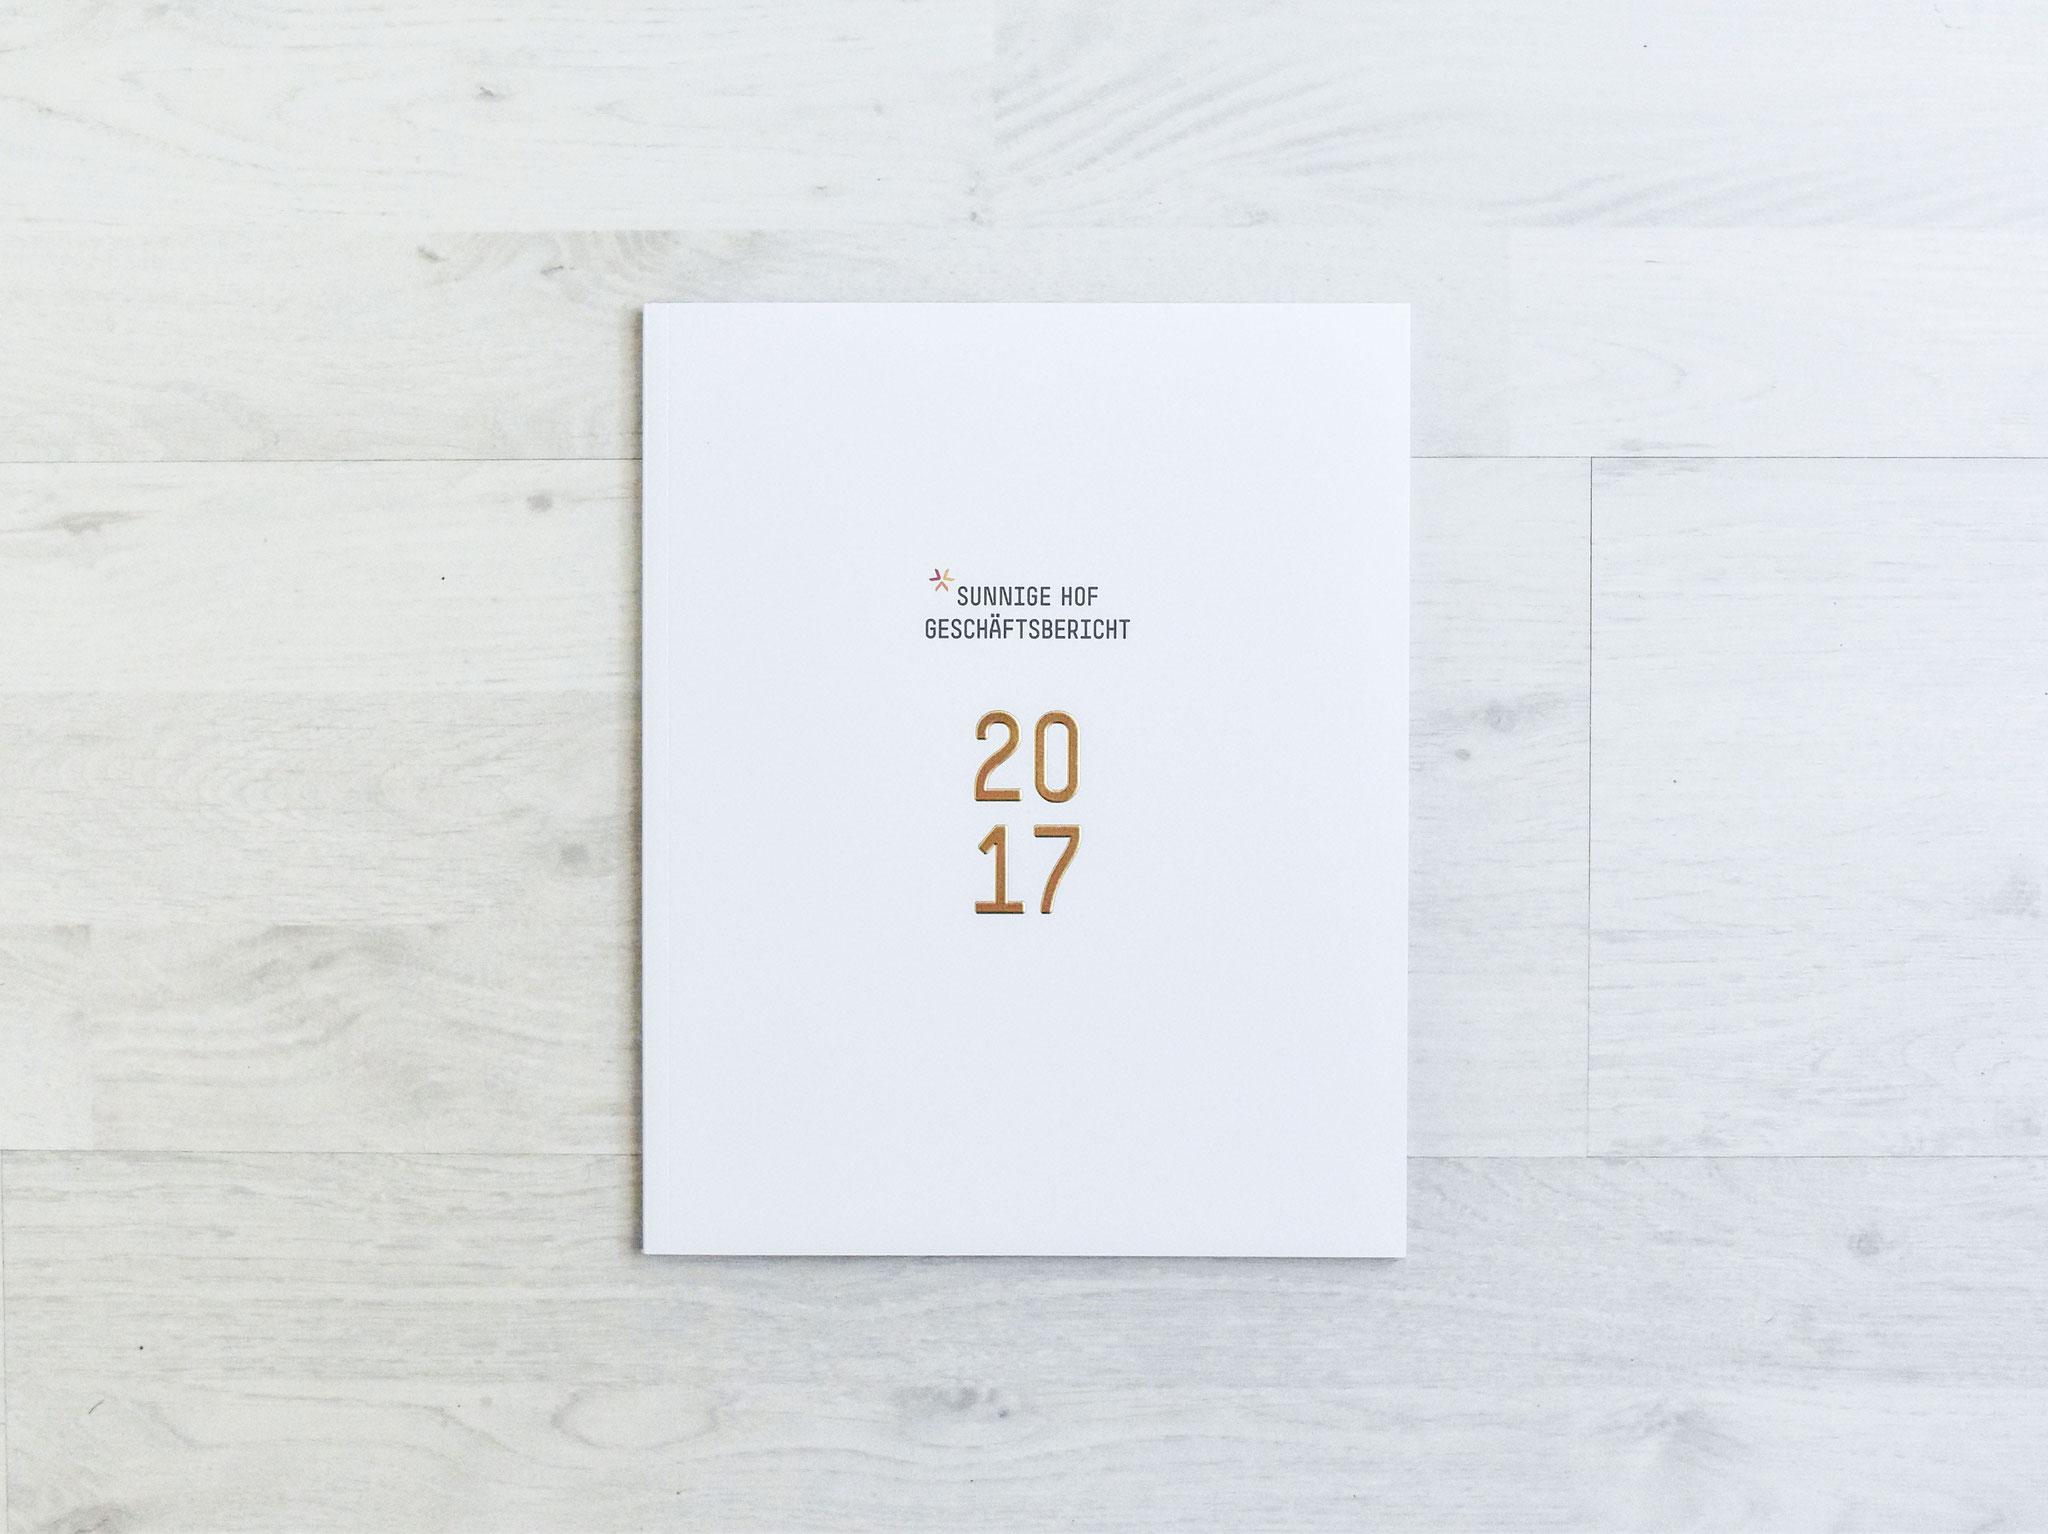 Bild Jubiläumsbuch Anlässlich des 75-Jahr-Jubiläums der Siedlungsgenossenschaft Sunnige Hof, wurde ein Jubiläumsbuch realisiert. Die eindrückliche und bewegte Geschichte des Sunnige Hof kann im 75-Jahr-Jubiläumsbuch «Heute – Gestern – Morgen» nachgelesen